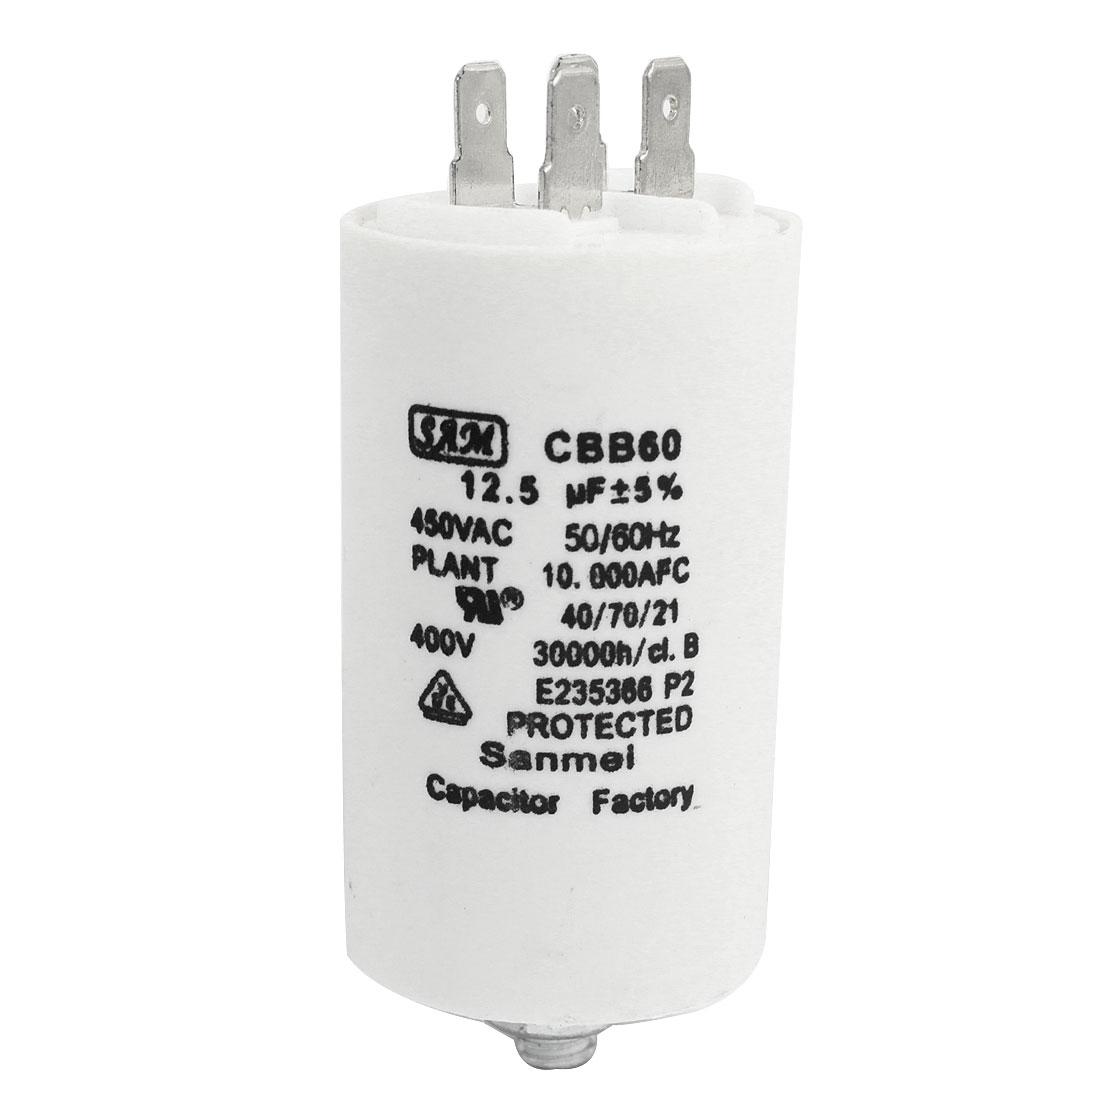 AC 450V CBB60 12.5UF 5% Cylinder Shape Polypropylene Film Electrolytic Motor Capacitor White